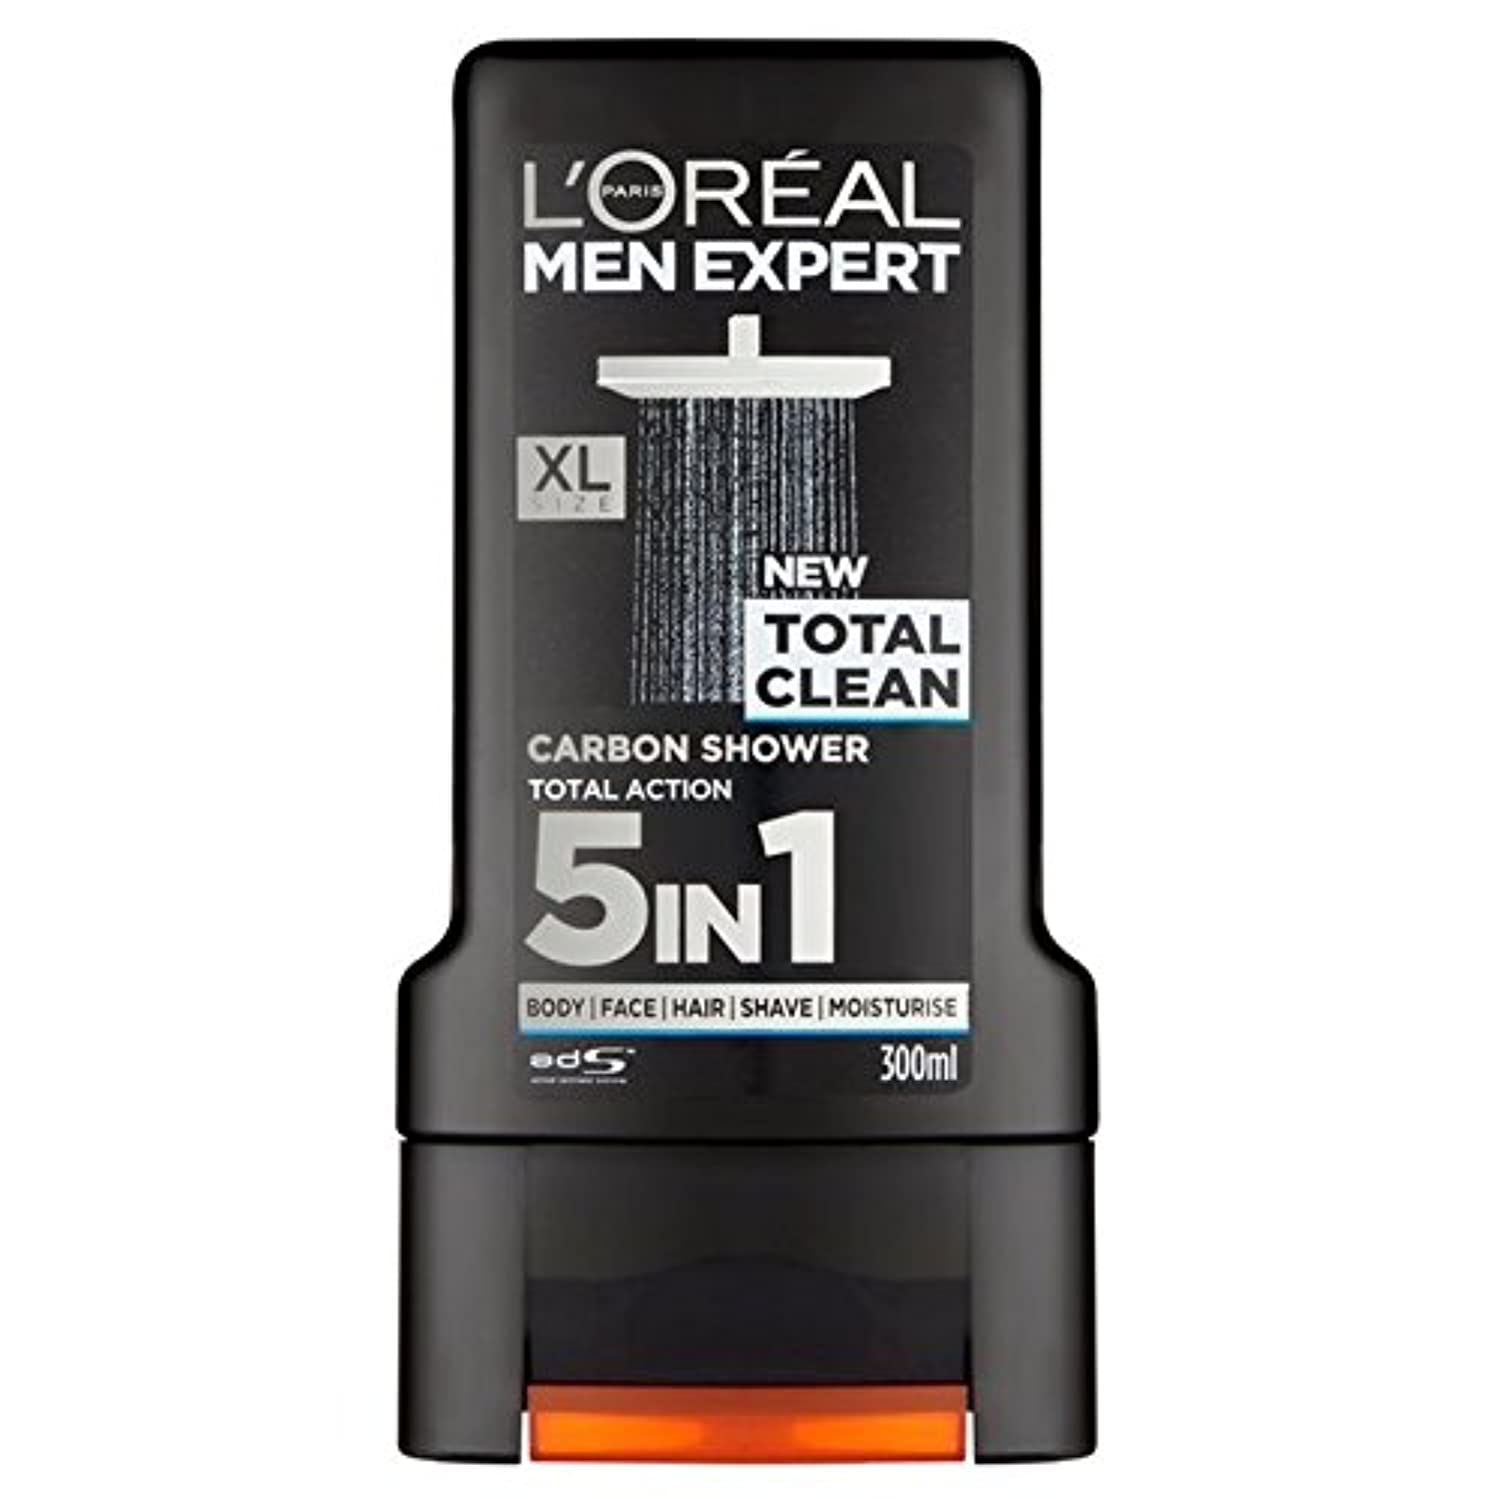 遠征アーチ描くL'Oreal Paris Men Expert Total Clean Shower Gel 300ml - ロレアルパリのメンズ専門トータルクリーンシャワージェル300ミリリットル [並行輸入品]